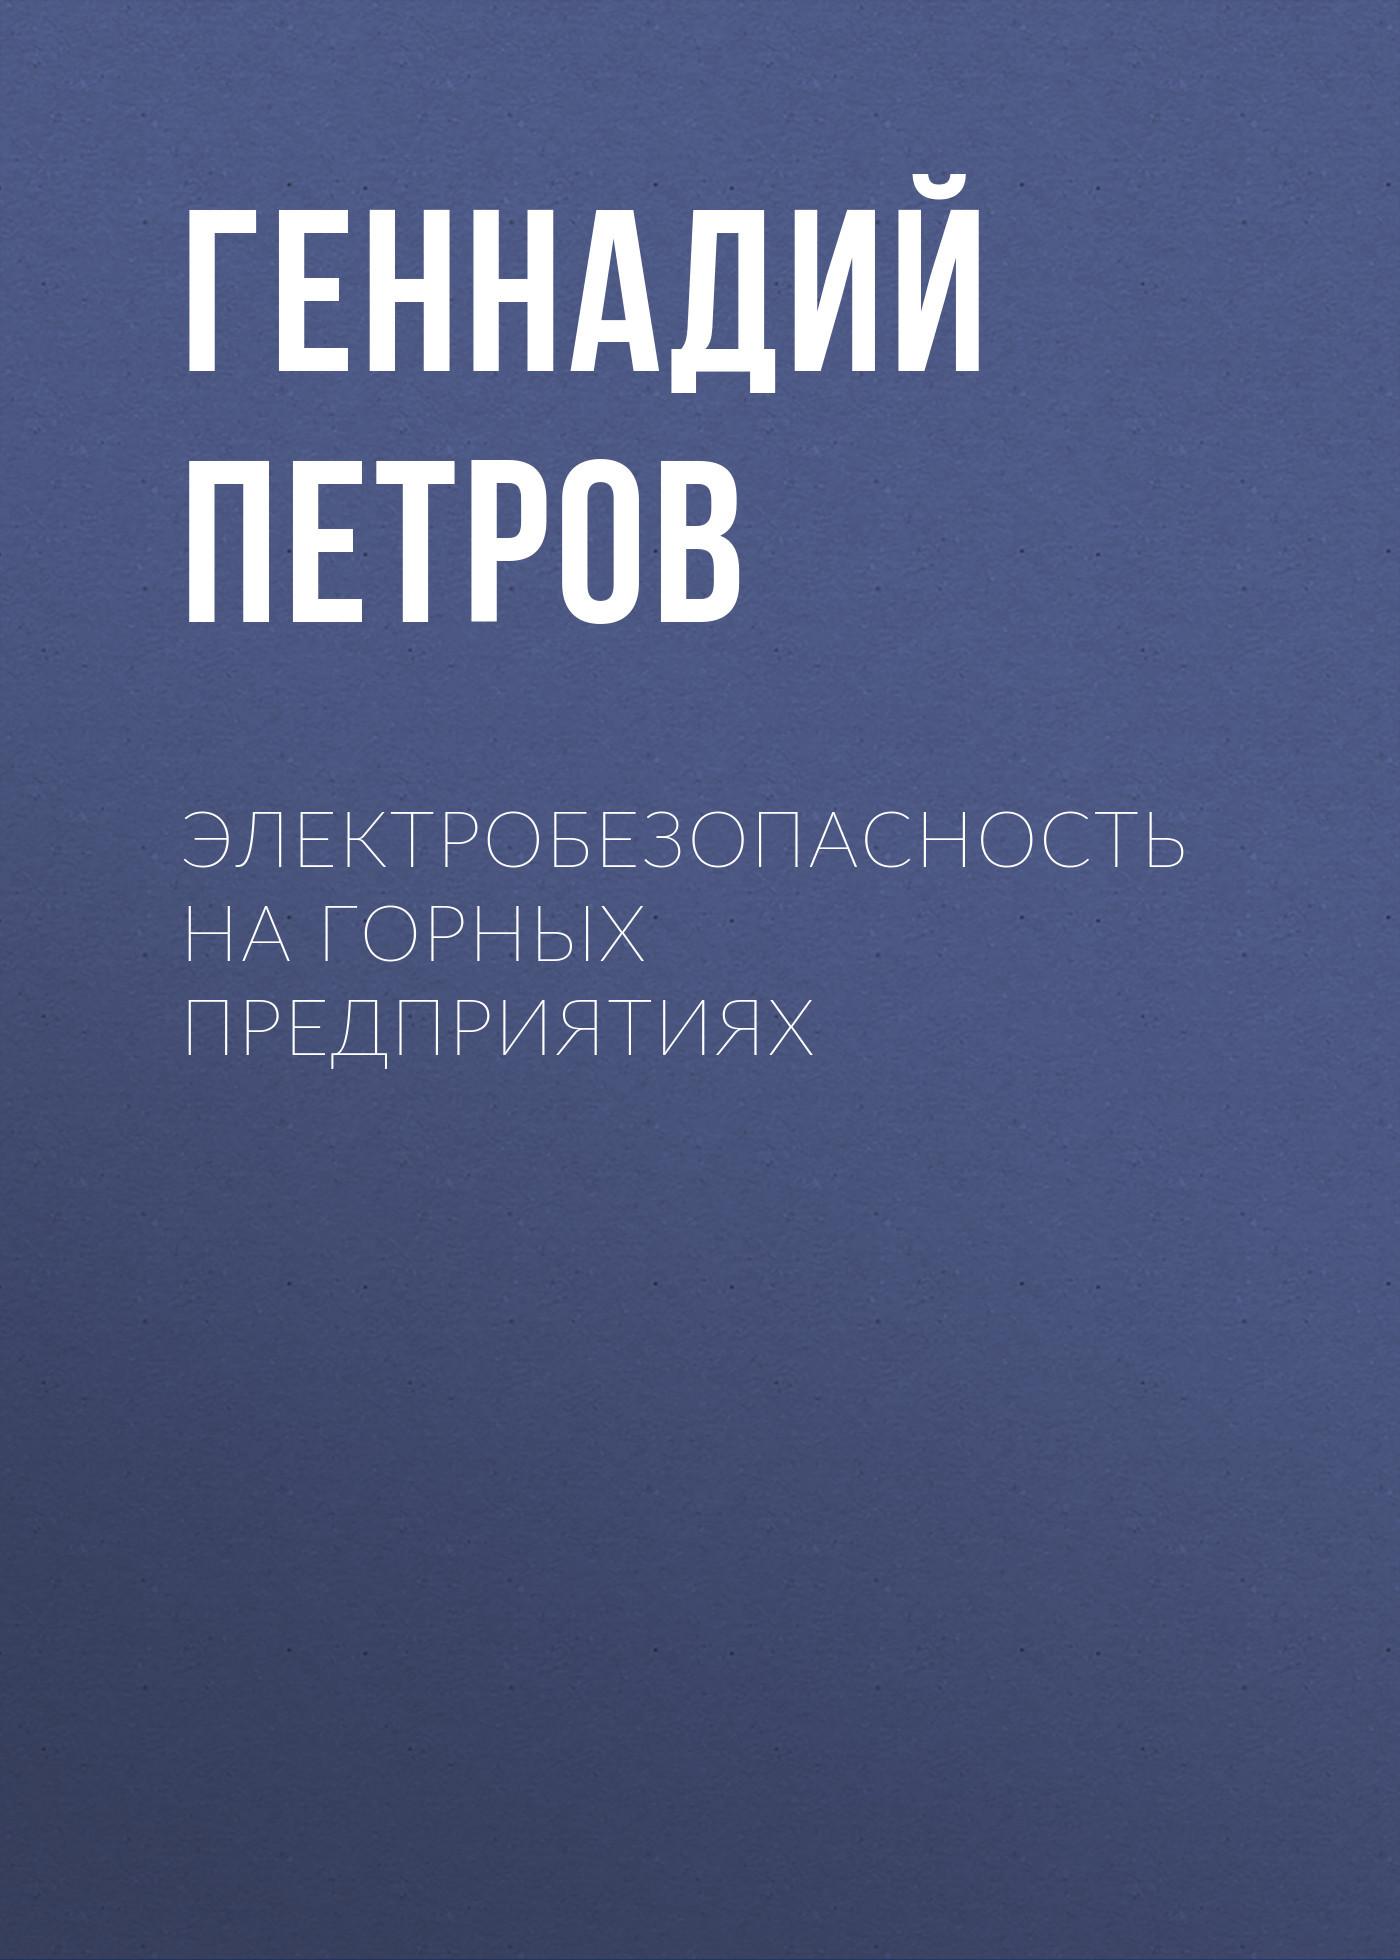 Геннадий Петров Электробезопасность на горных предприятиях связь на промышленных предприятиях